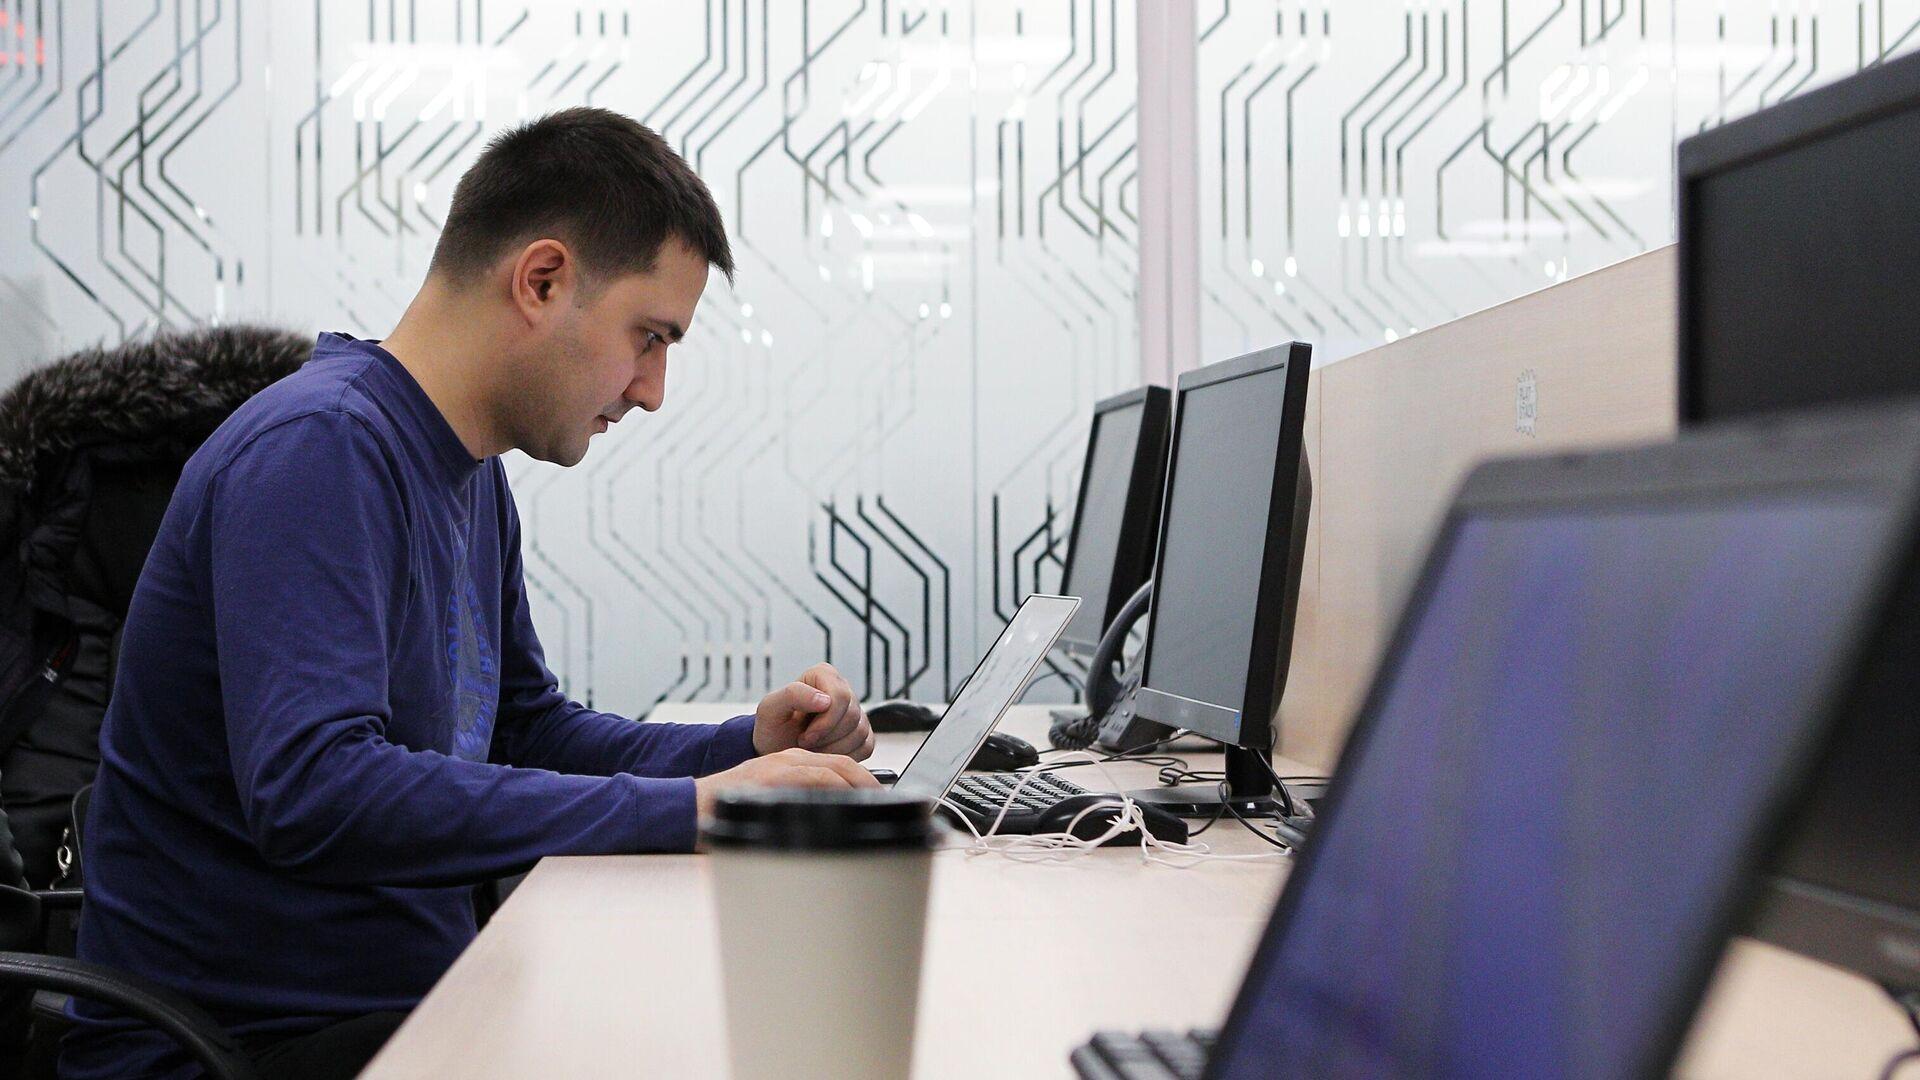 Мужчина работает за компьютером - РИА Новости, 1920, 01.07.2021